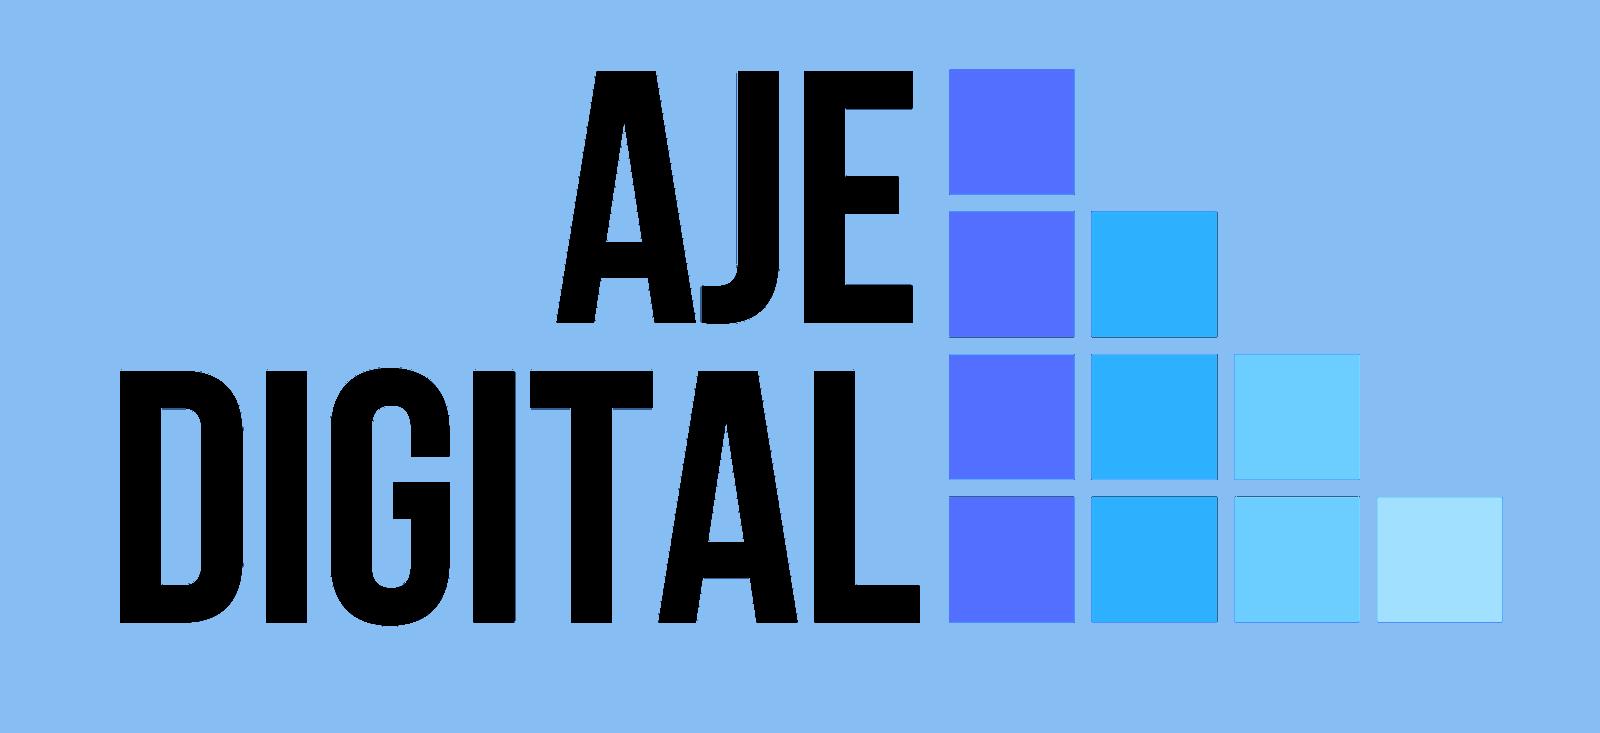 Aje-Digital